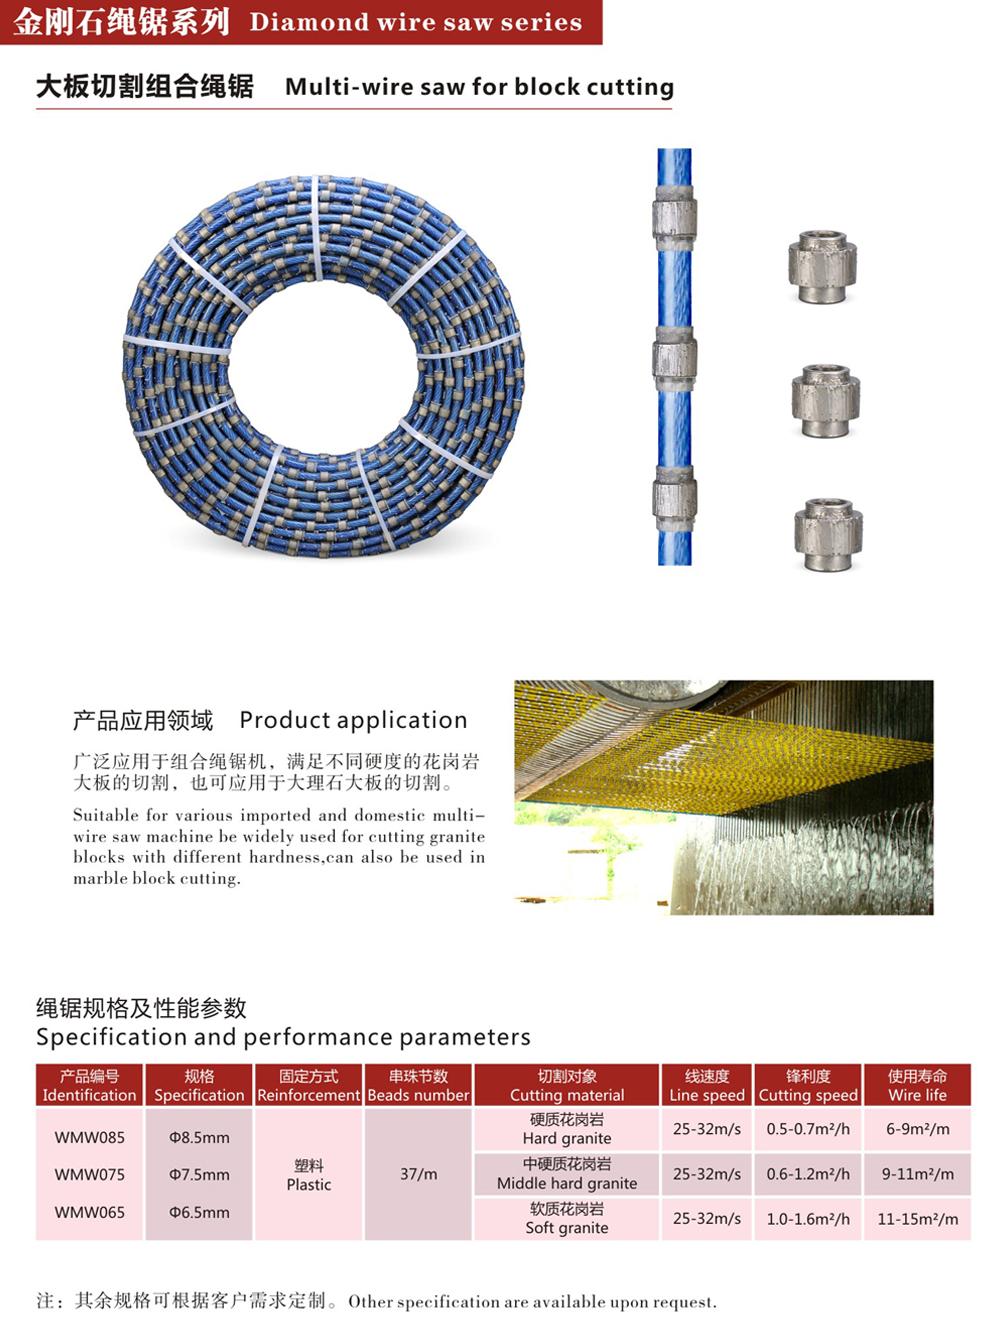 Multi-wire saw for block cutting - Jiangxi Zhongli super hard ...